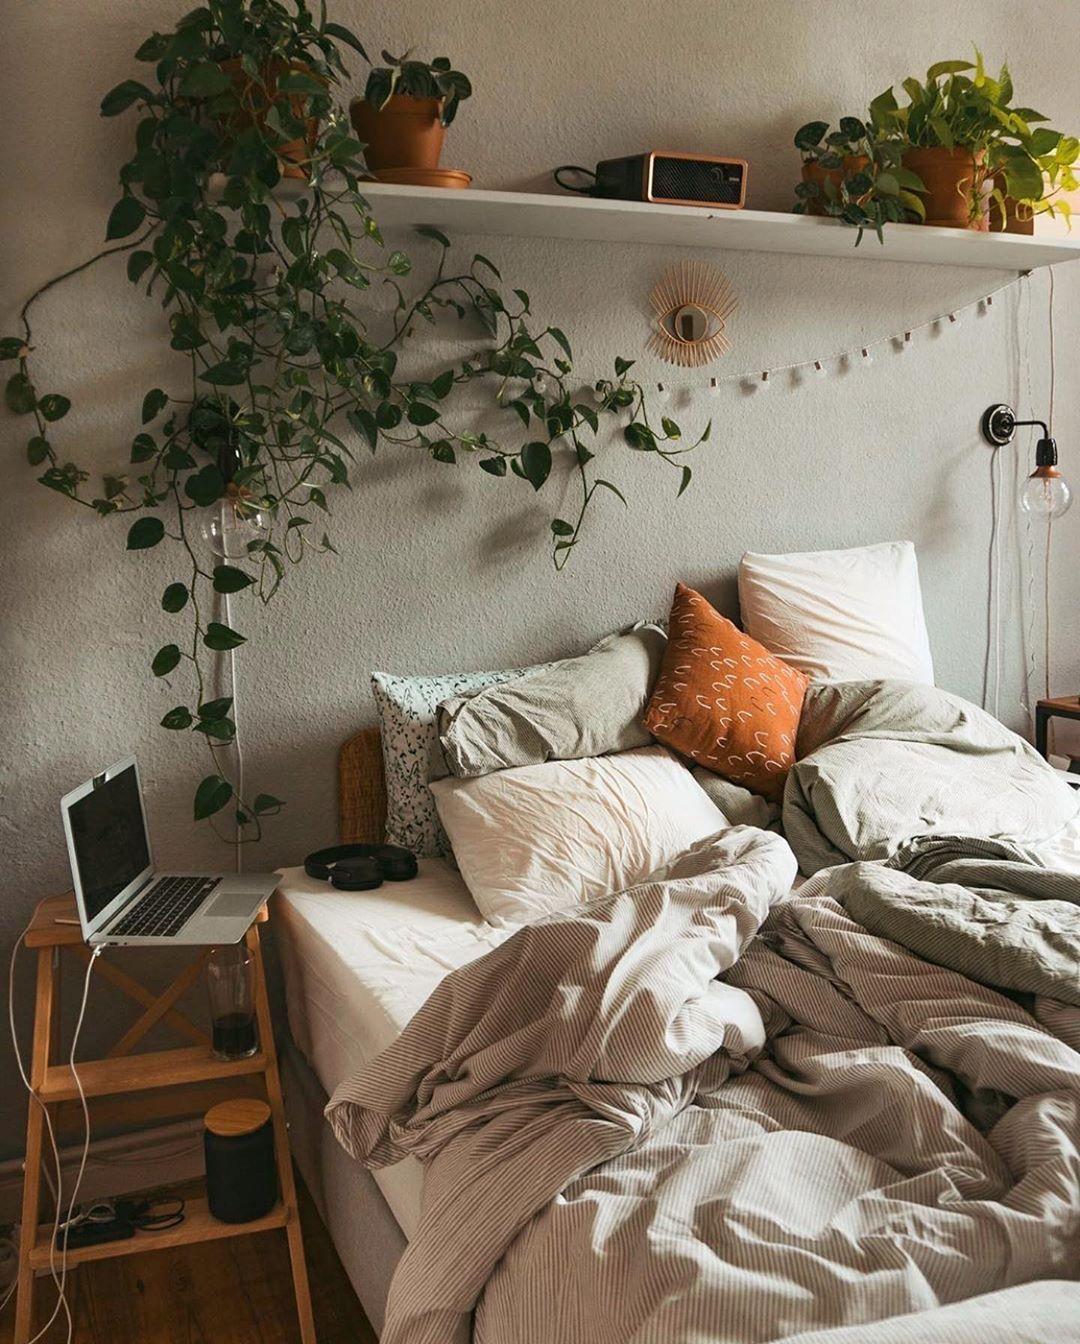 𝙿𝚒𝚗𝚝𝚎𝚛𝚎𝚜𝚝 ヅ𝚗𝚕𝚊𝚗𝟺𝟷𝟸 ♡゛   Room decor bedroom ...